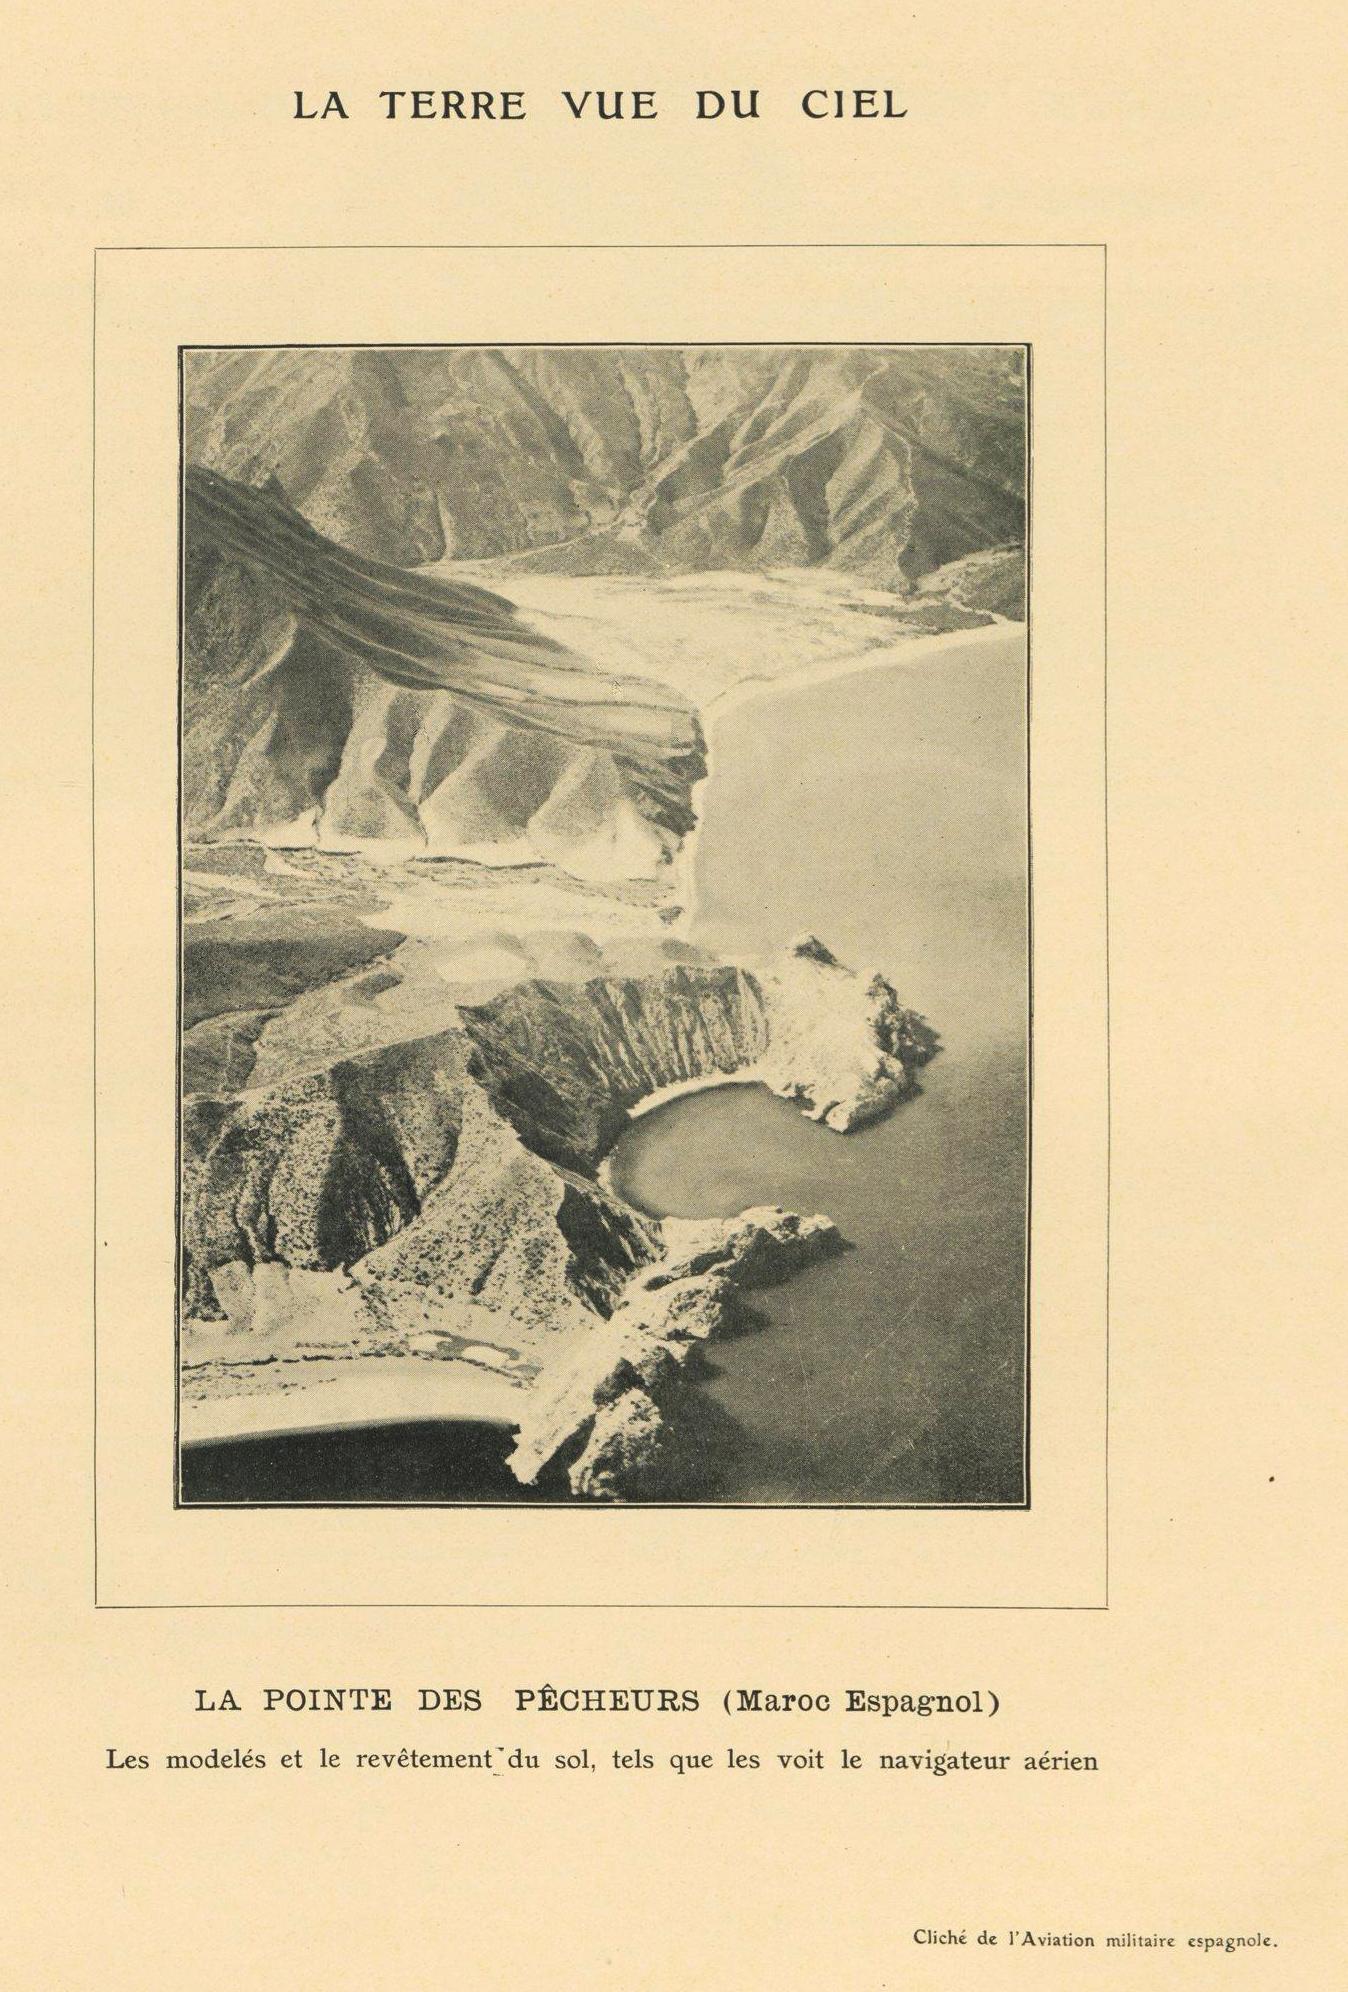 maroclaeronatiquedic1923